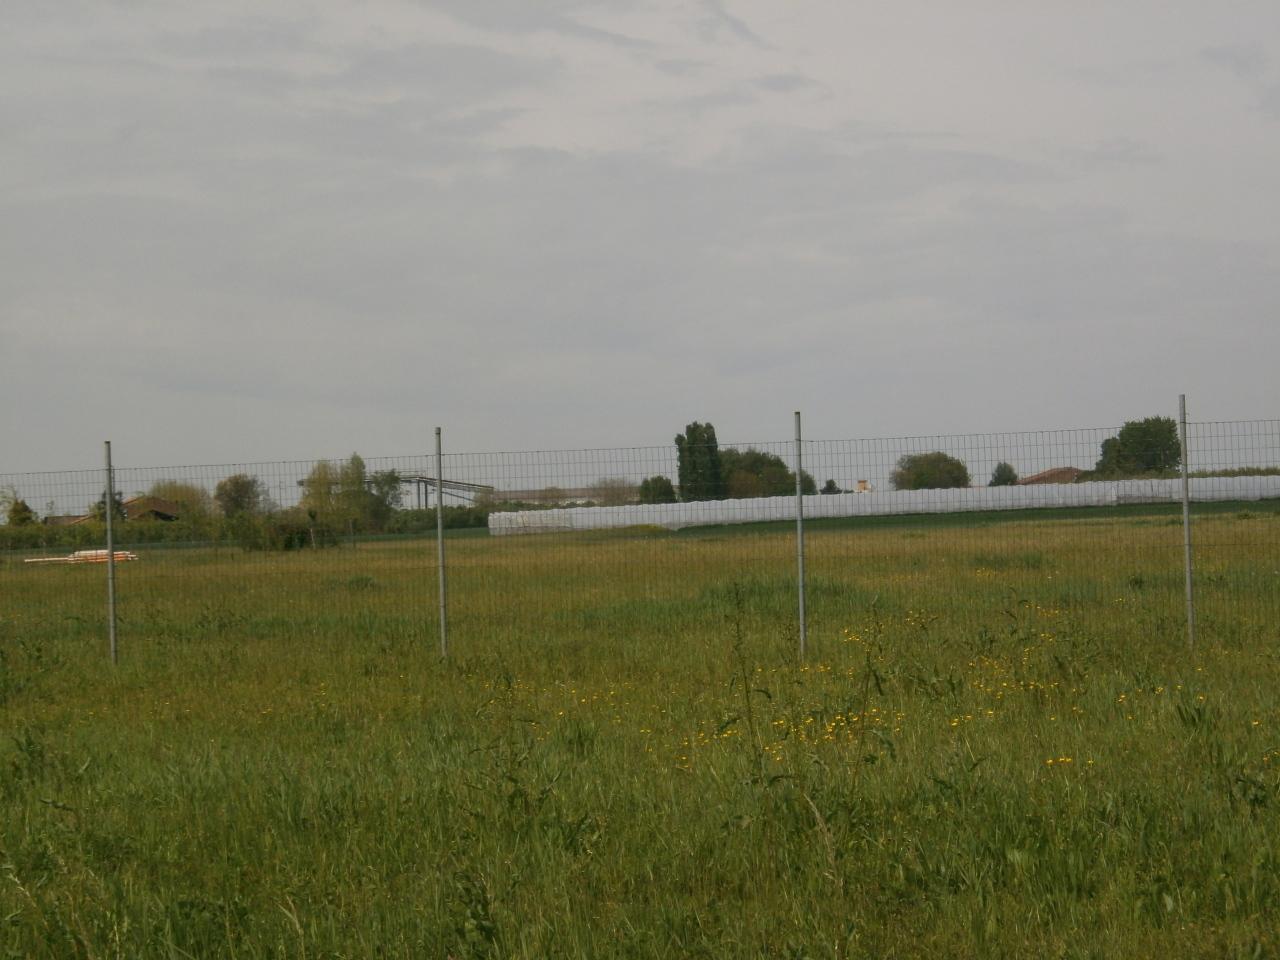 Terreno Agricolo in vendita a Orgiano, 1 locali, Trattative riservate | Cambio Casa.it